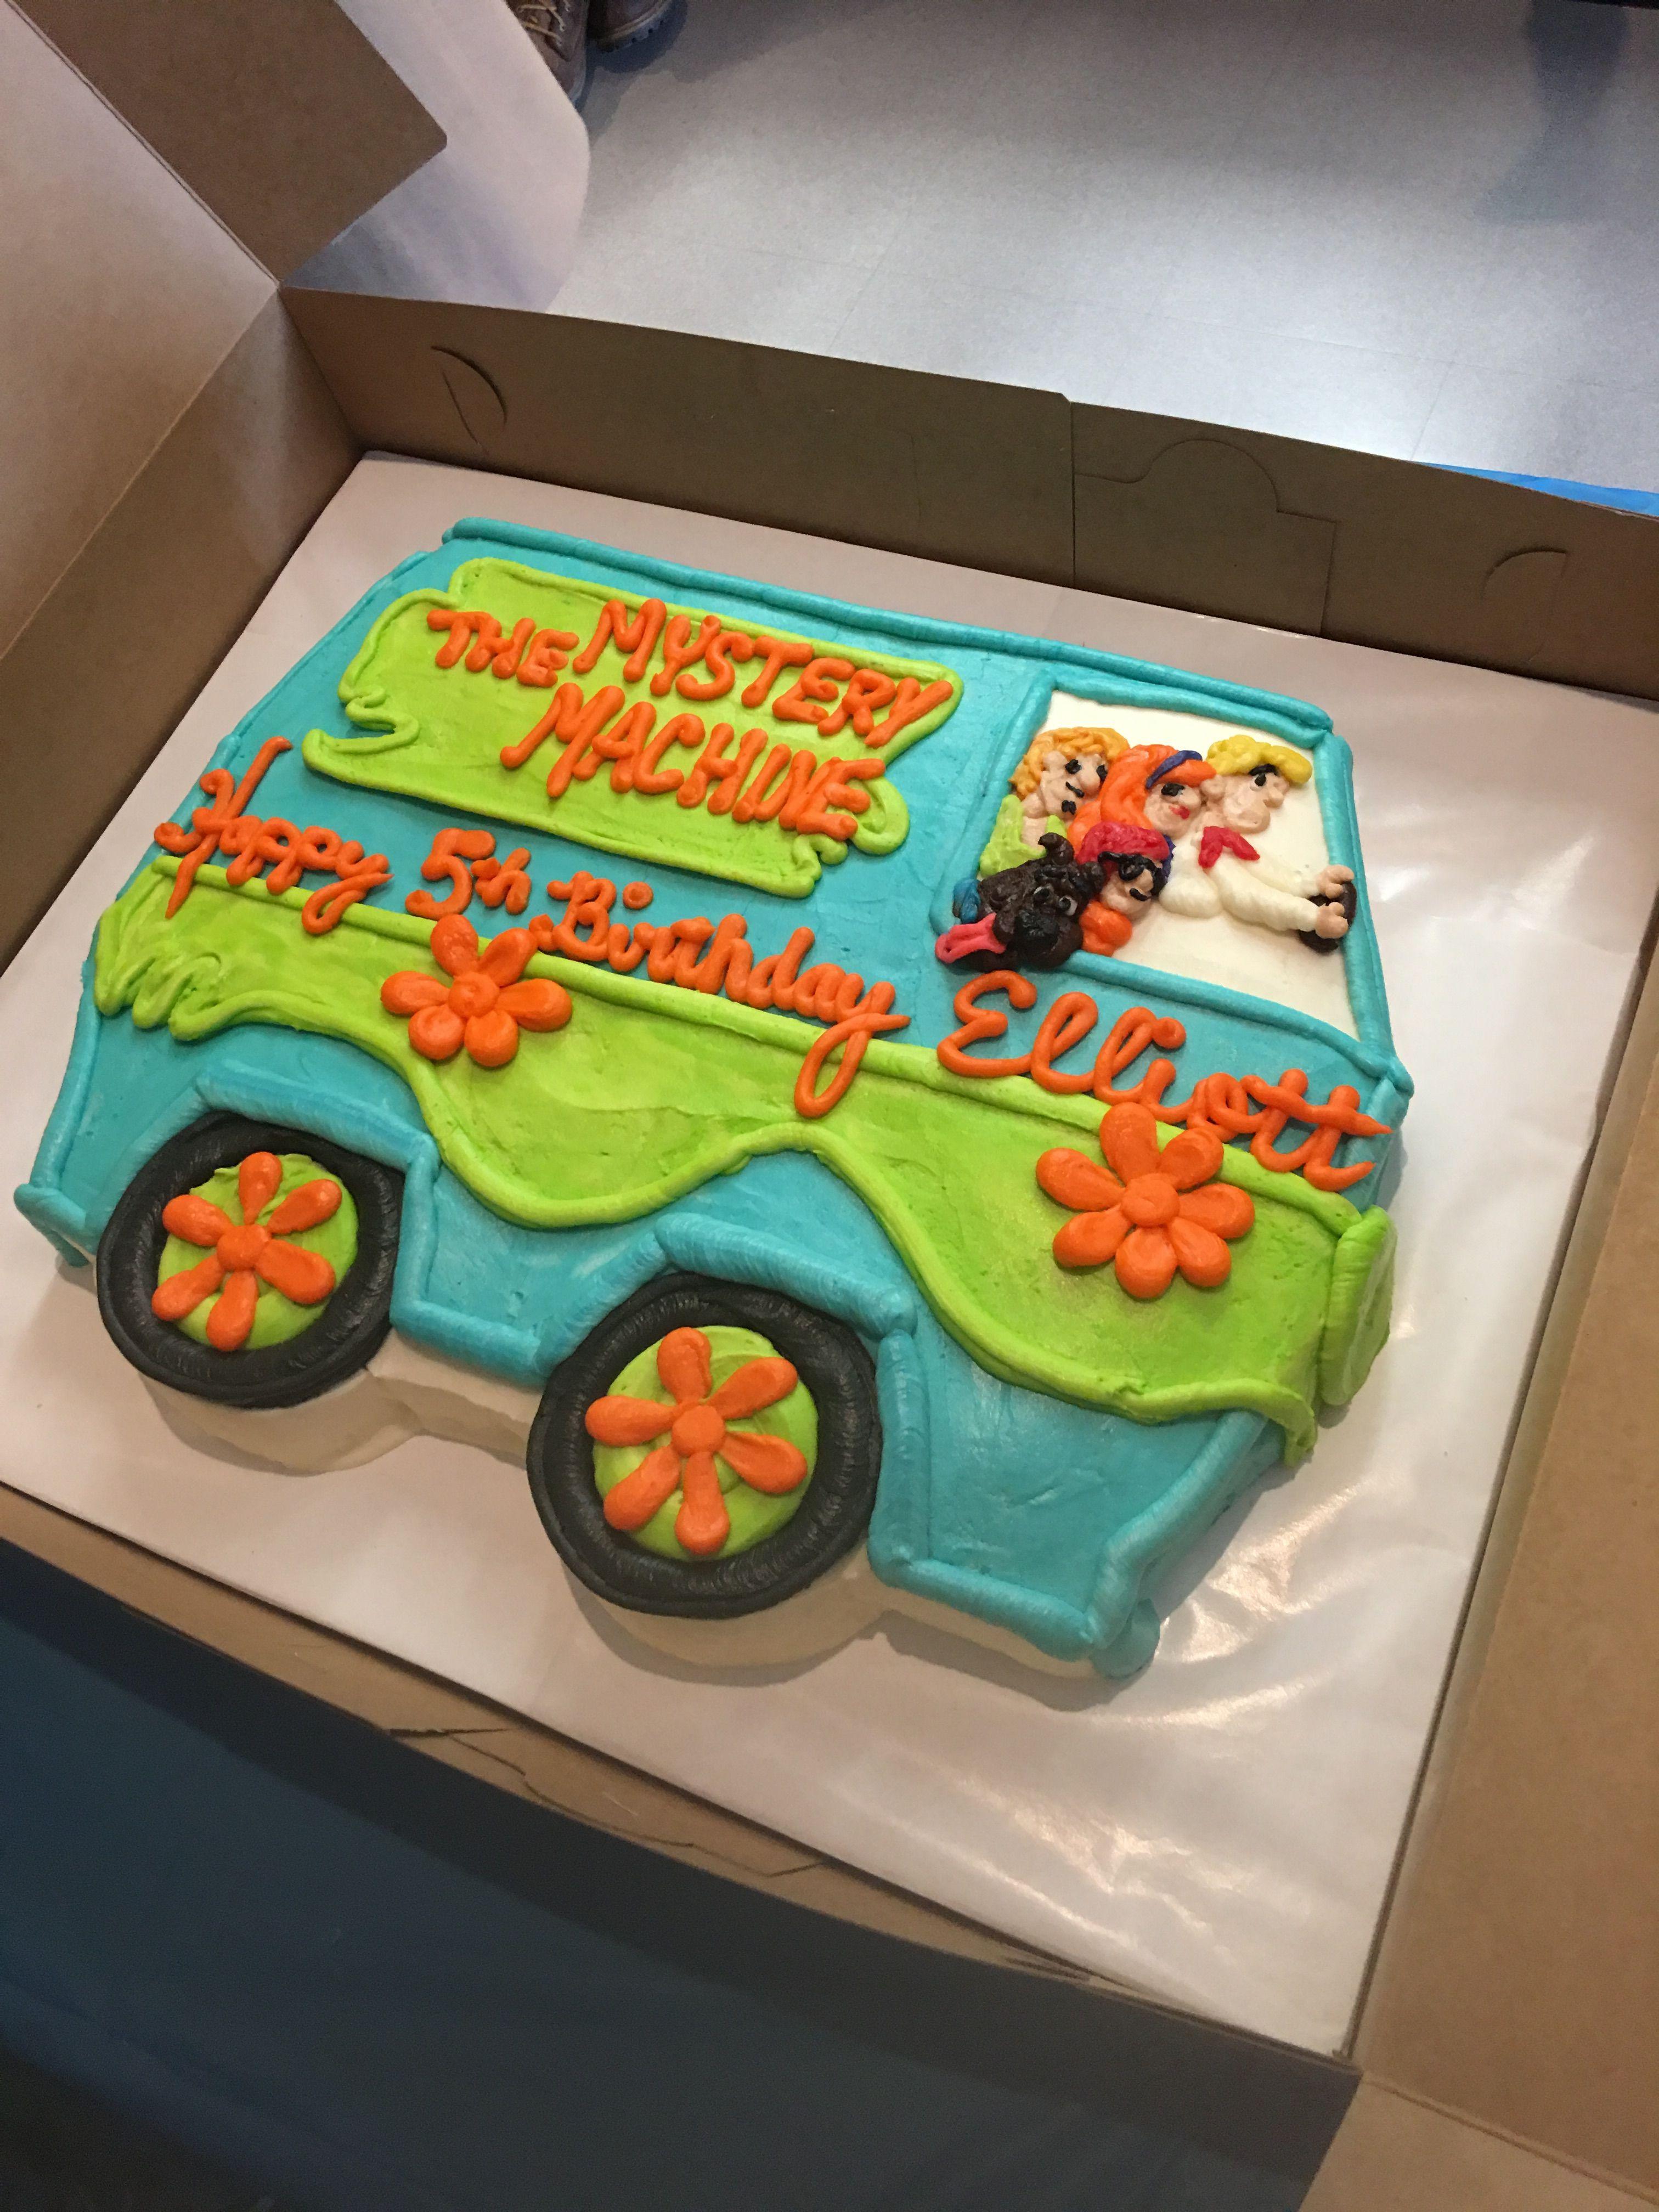 Mystery machine van cake scooby doo scooby doo cake